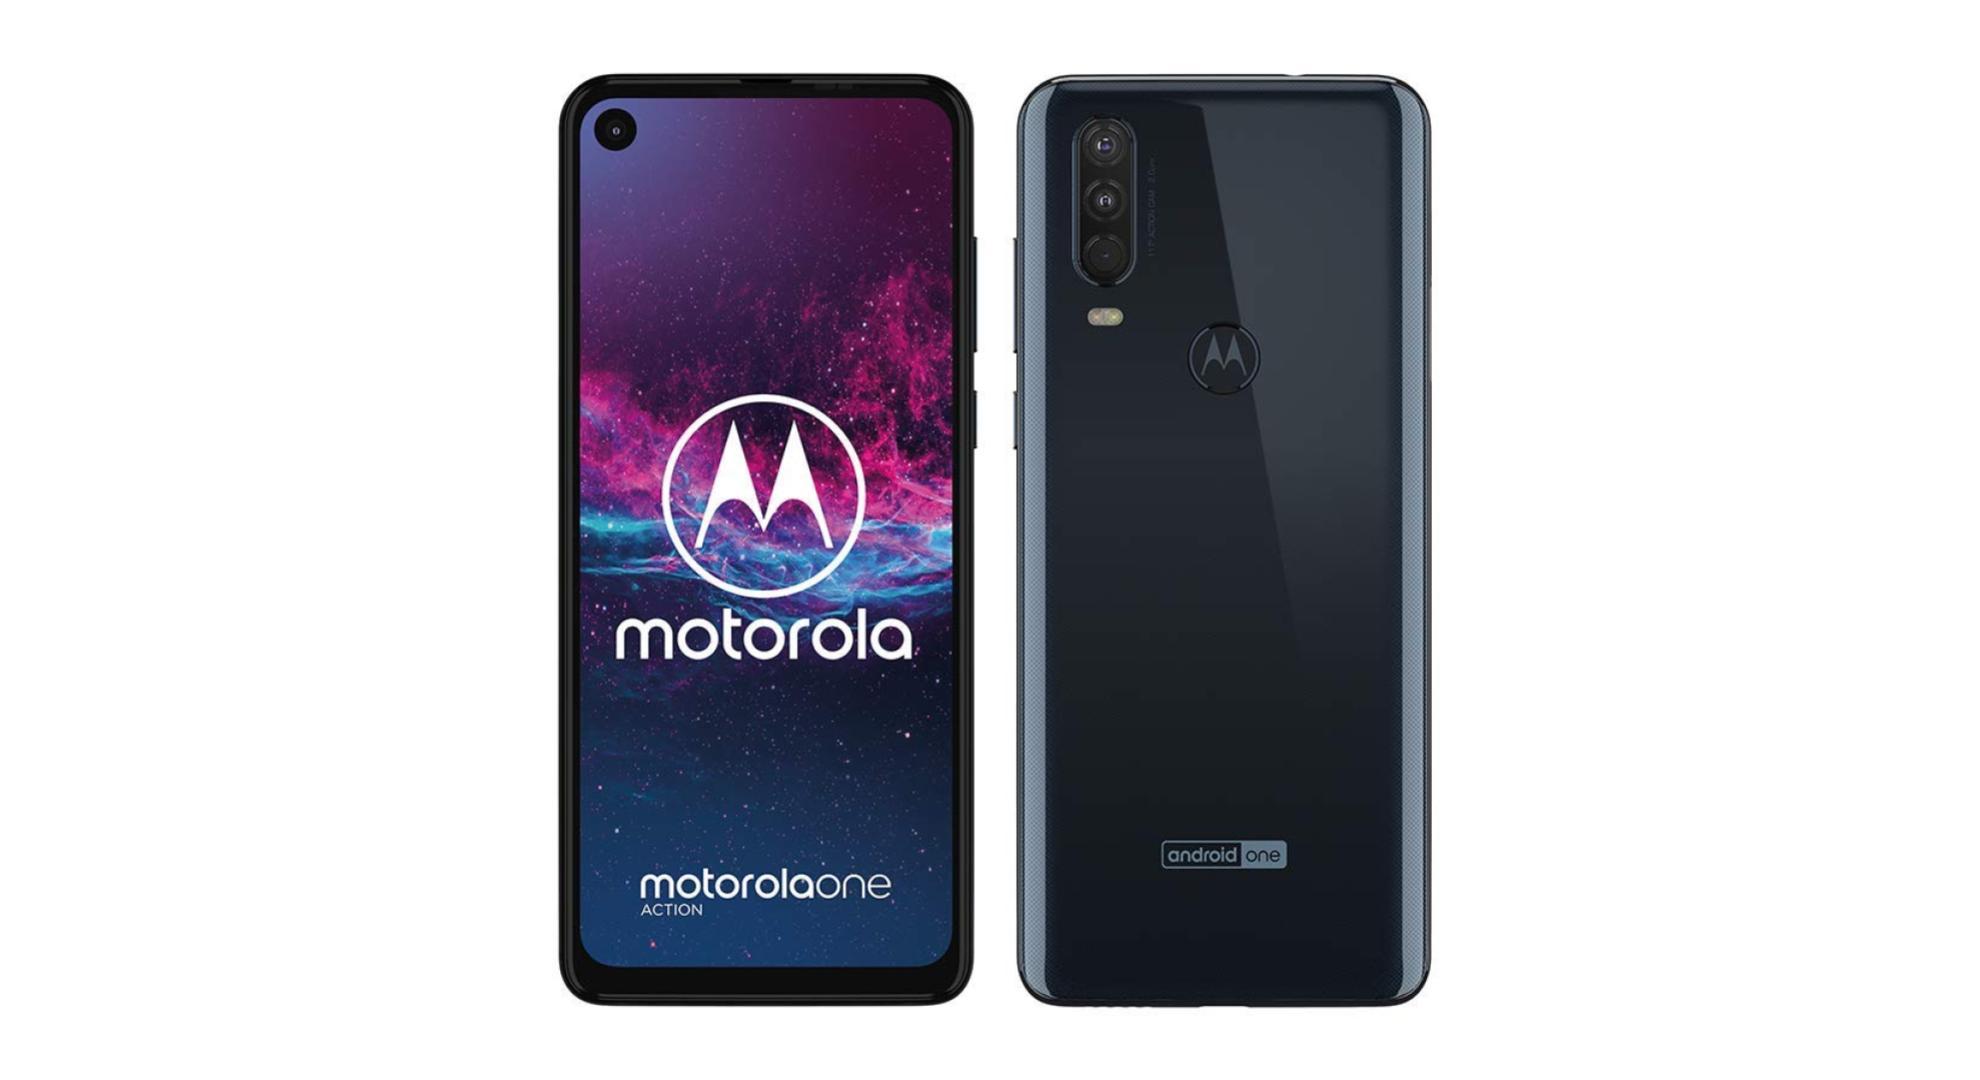 Où acheter le Motorola One Action au meilleur prix en 2020 ?